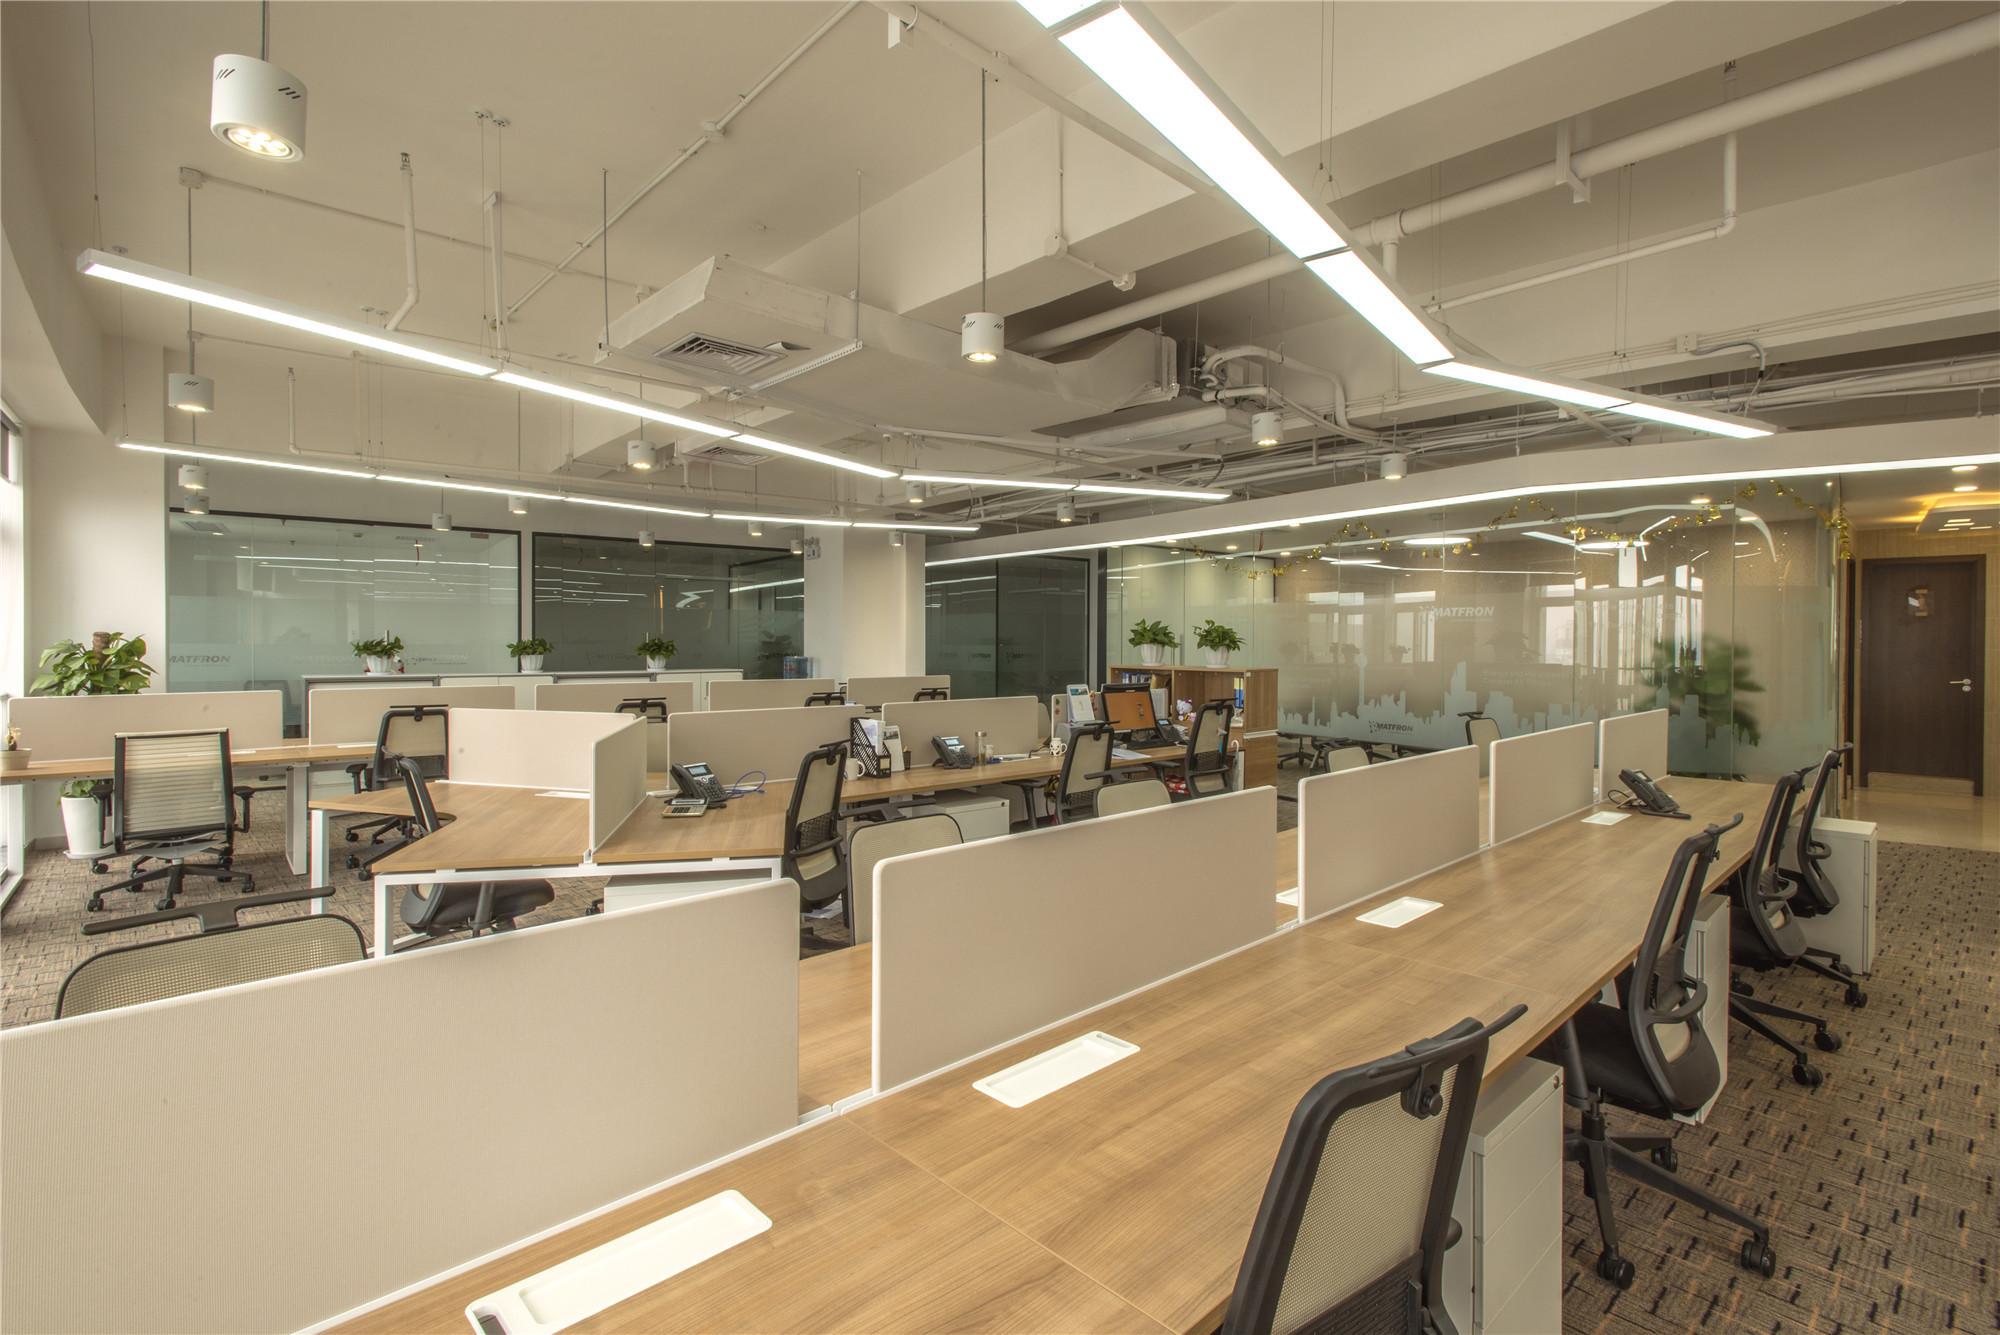 简约风办公室装修公共办公区效果图